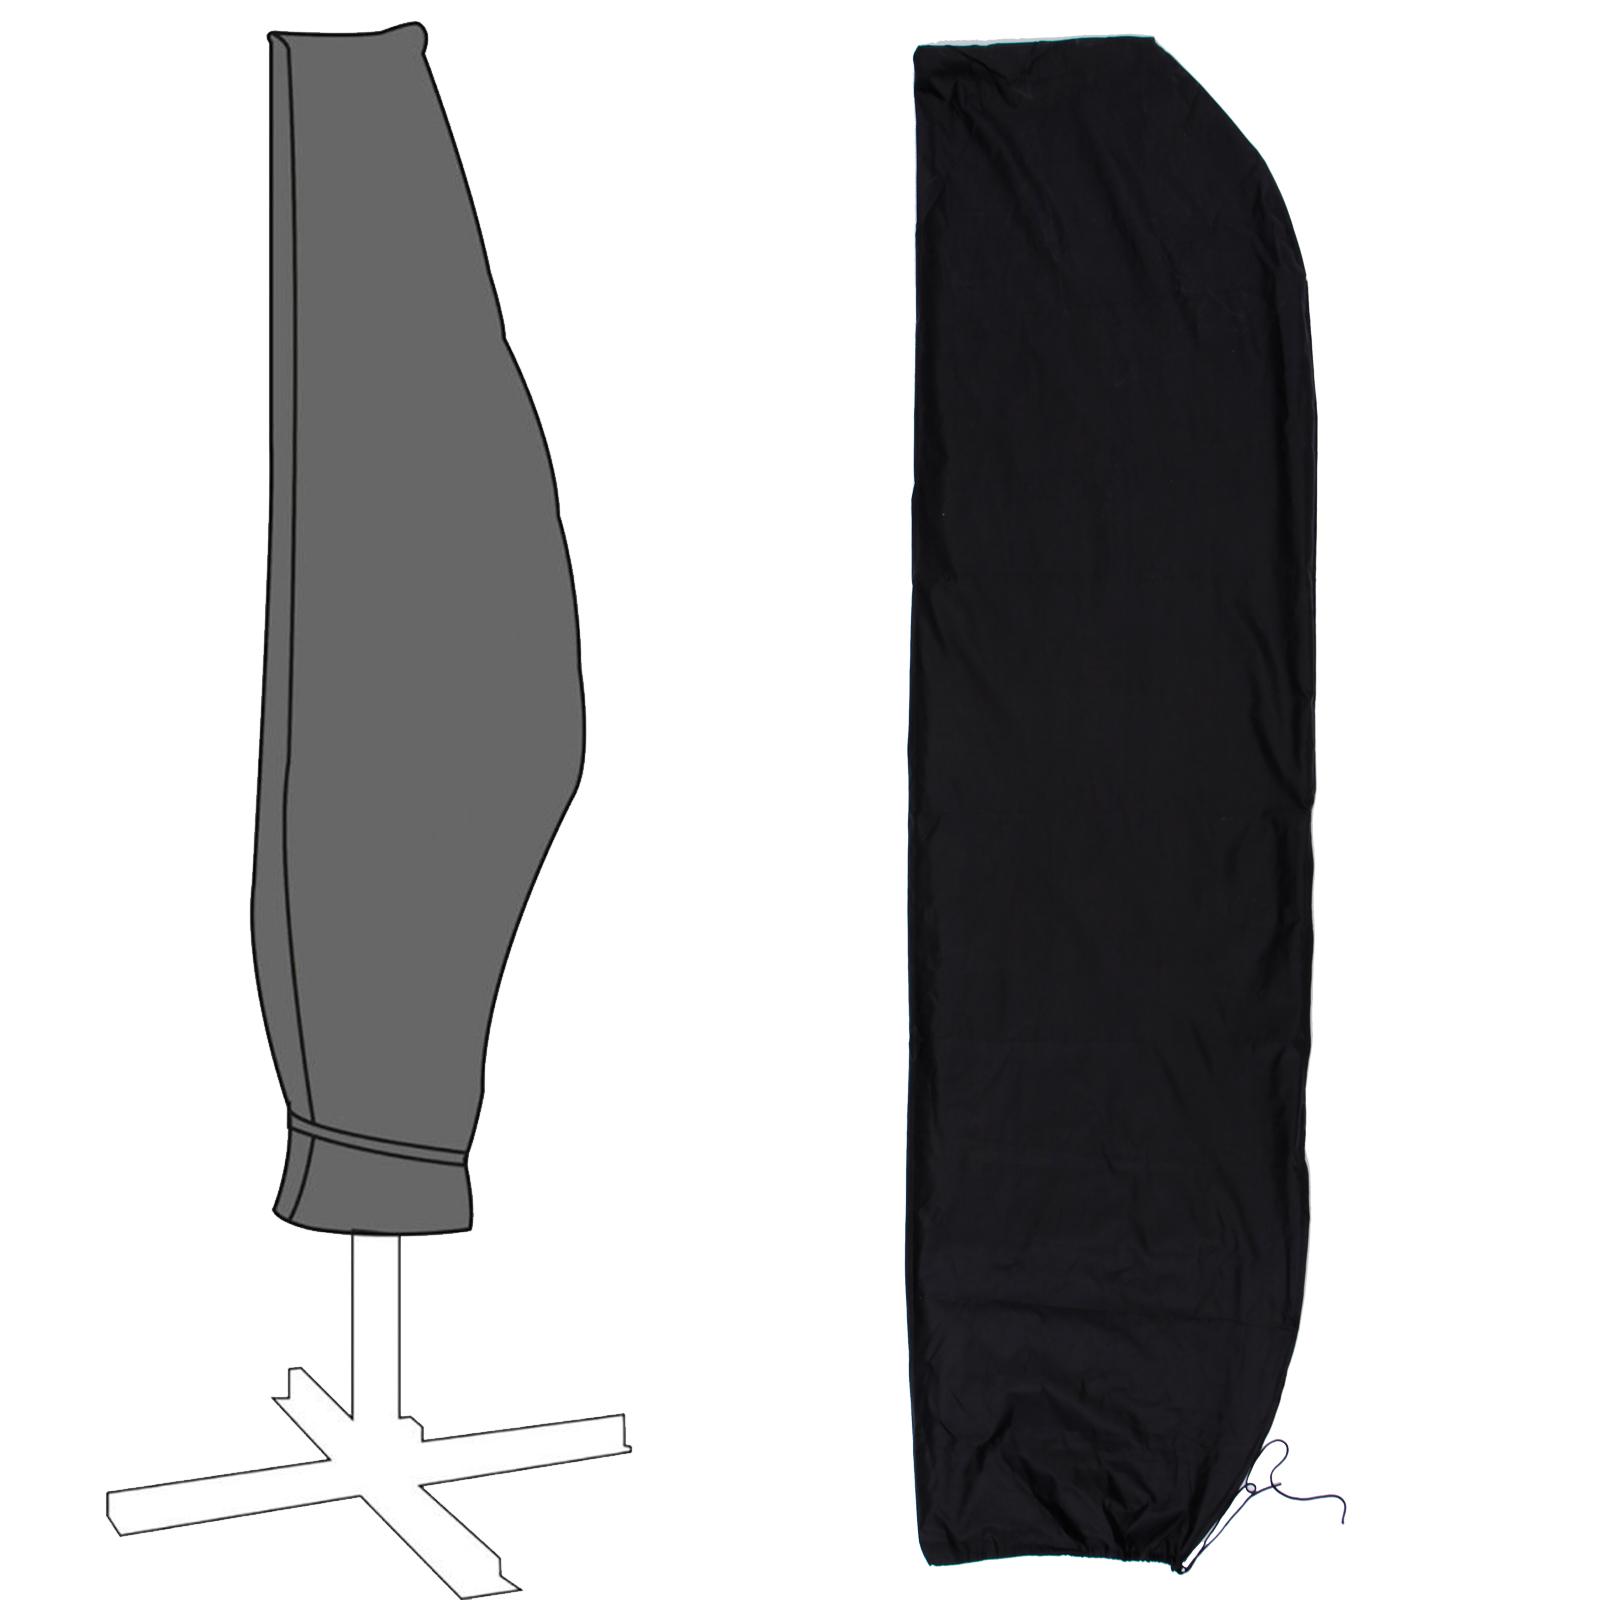 schutzh lle abdeckhaube f r gartenschirm sonnenschirm ampelschirm bis 3 5 meter ebay. Black Bedroom Furniture Sets. Home Design Ideas